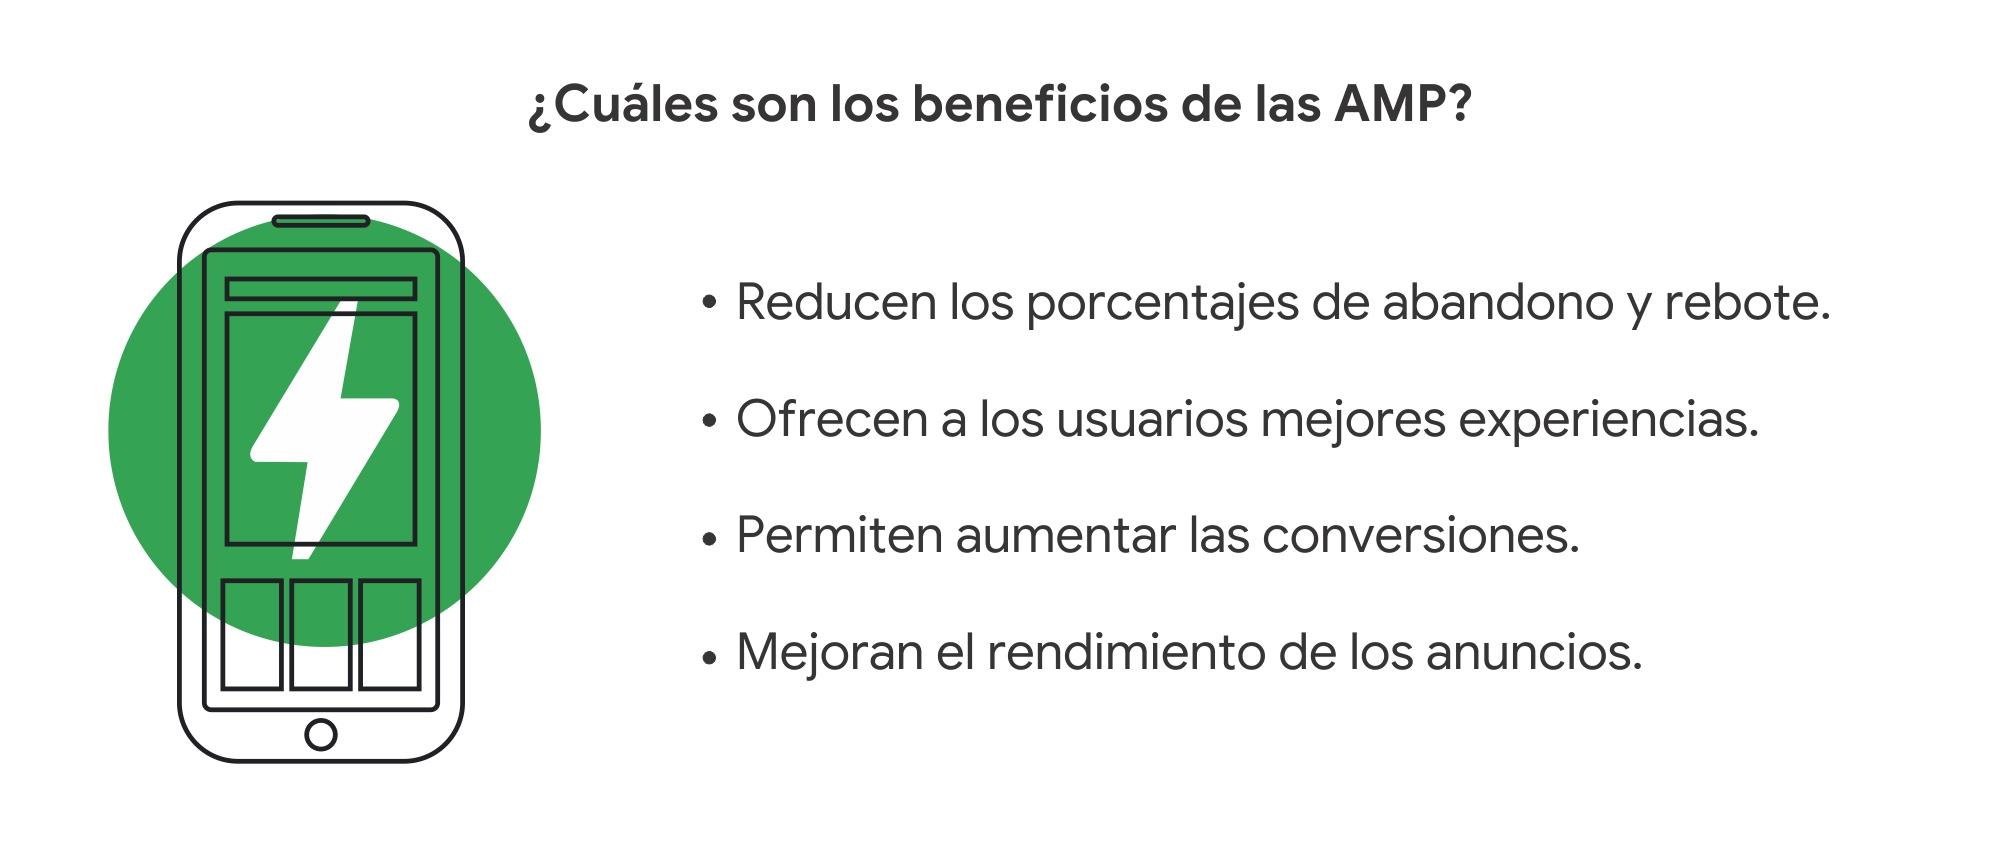 Beneficios de las AMP